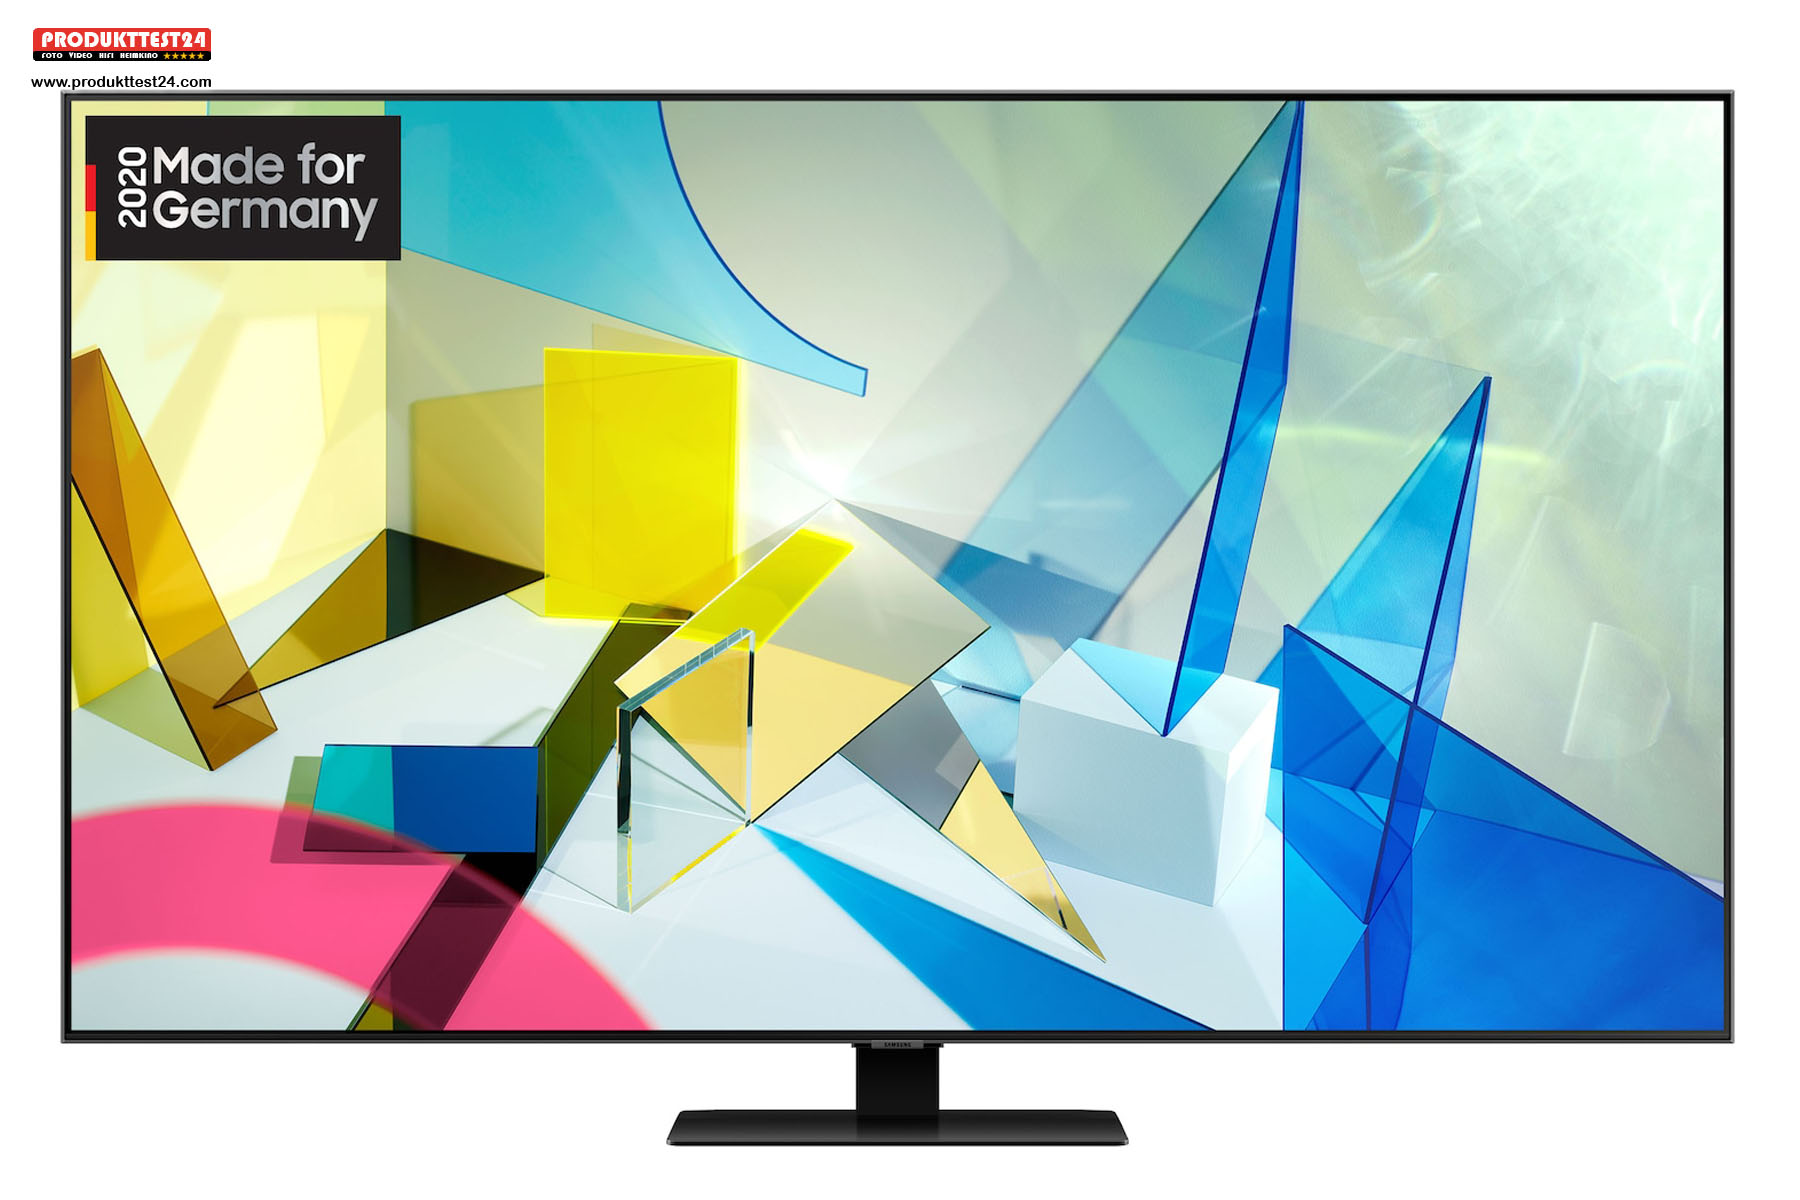 QLED 4K Display mit 4K UHD Auflösung und 100 % DCI P3 Farbraumdarstellung